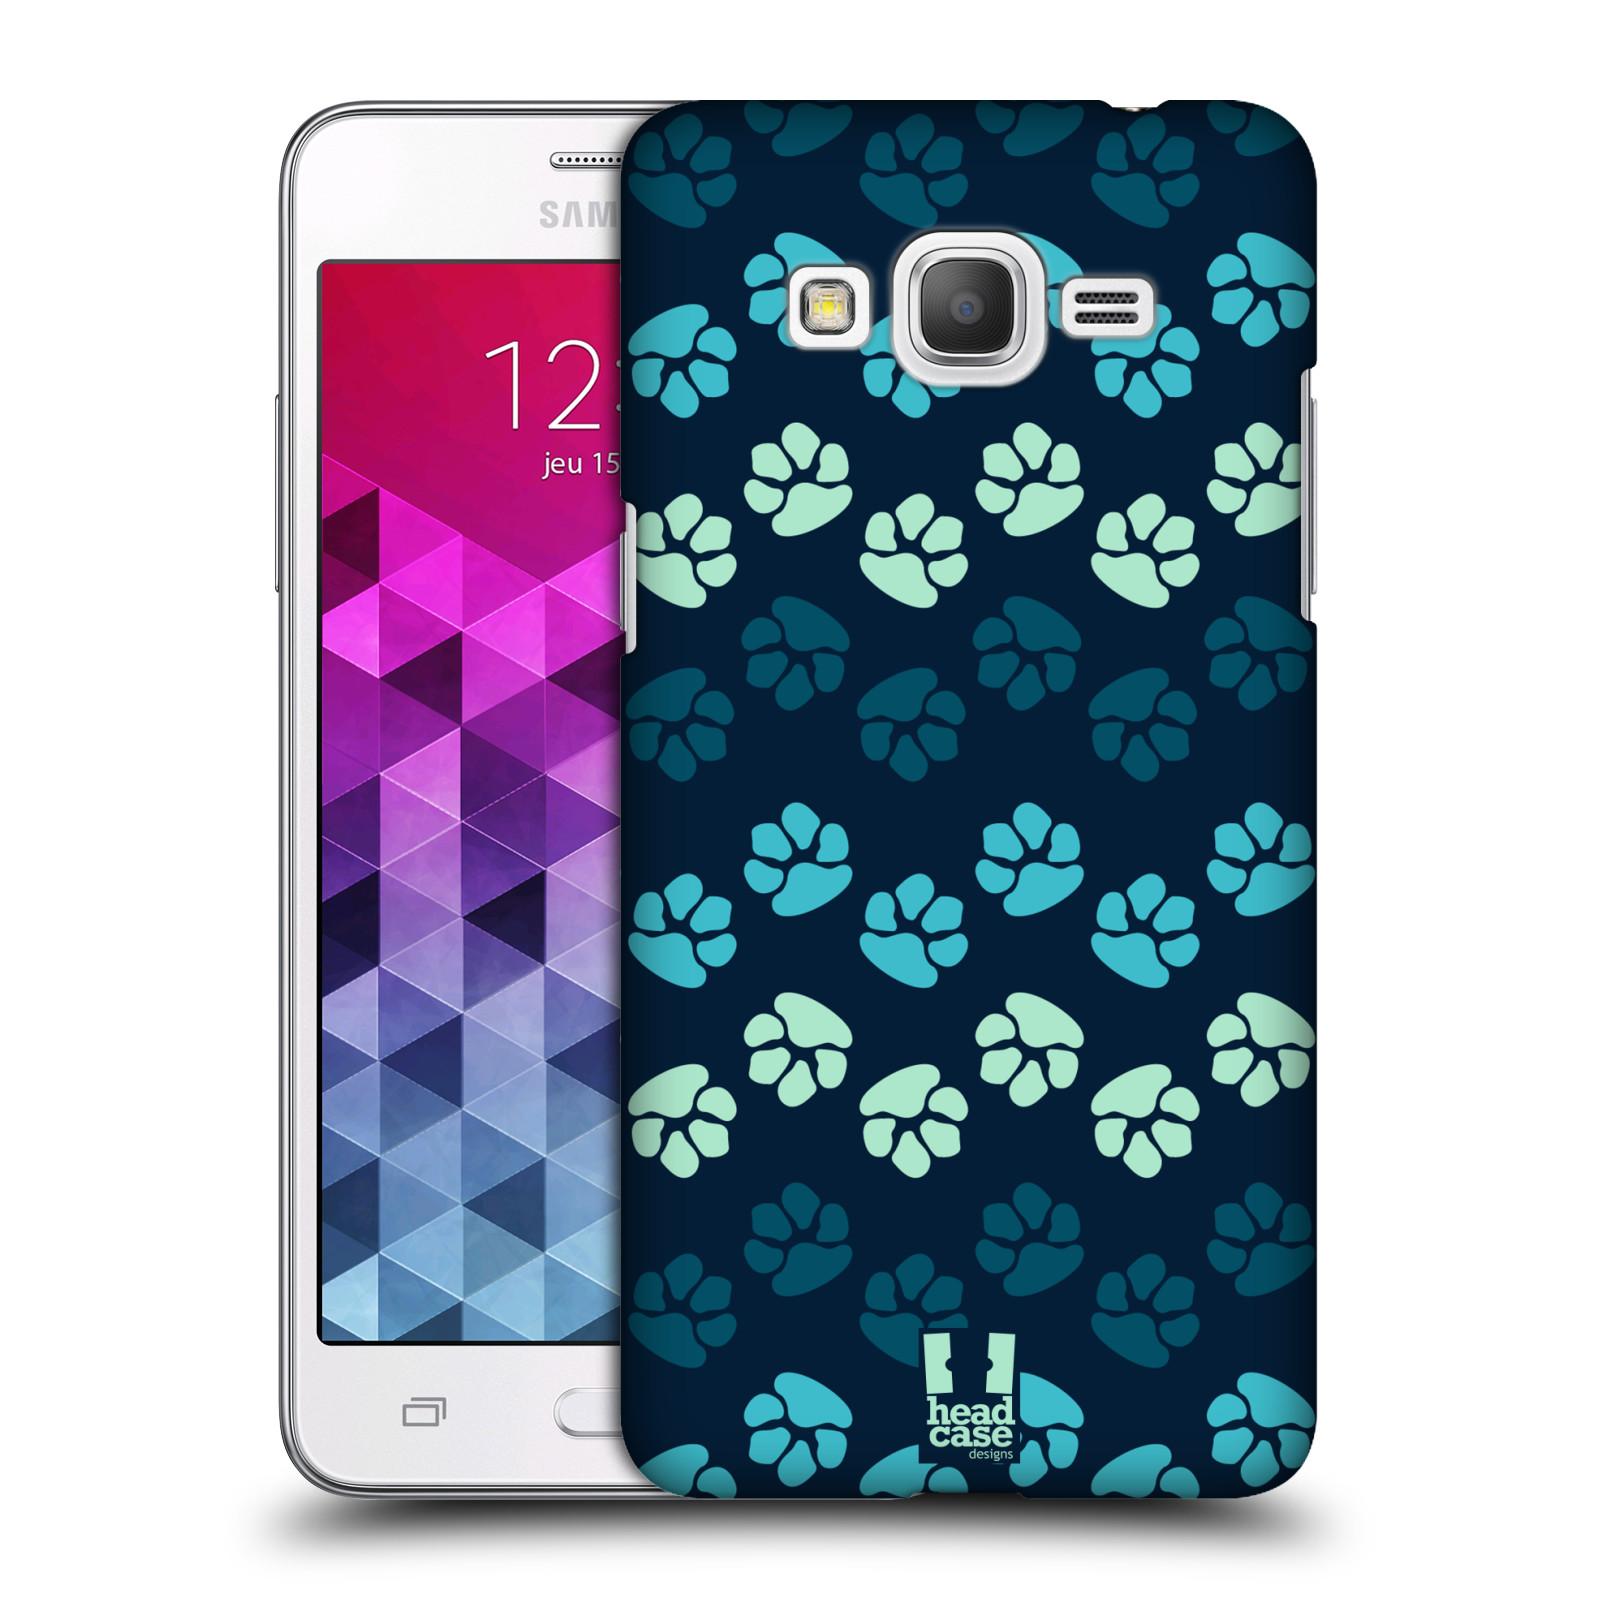 Plastové pouzdro na mobil Samsung Galaxy Grand Prime HEAD CASE TLAPKY MODRÉ (Kryt či obal na mobilní telefon Samsung Galaxy Grand Prime SM-G530)